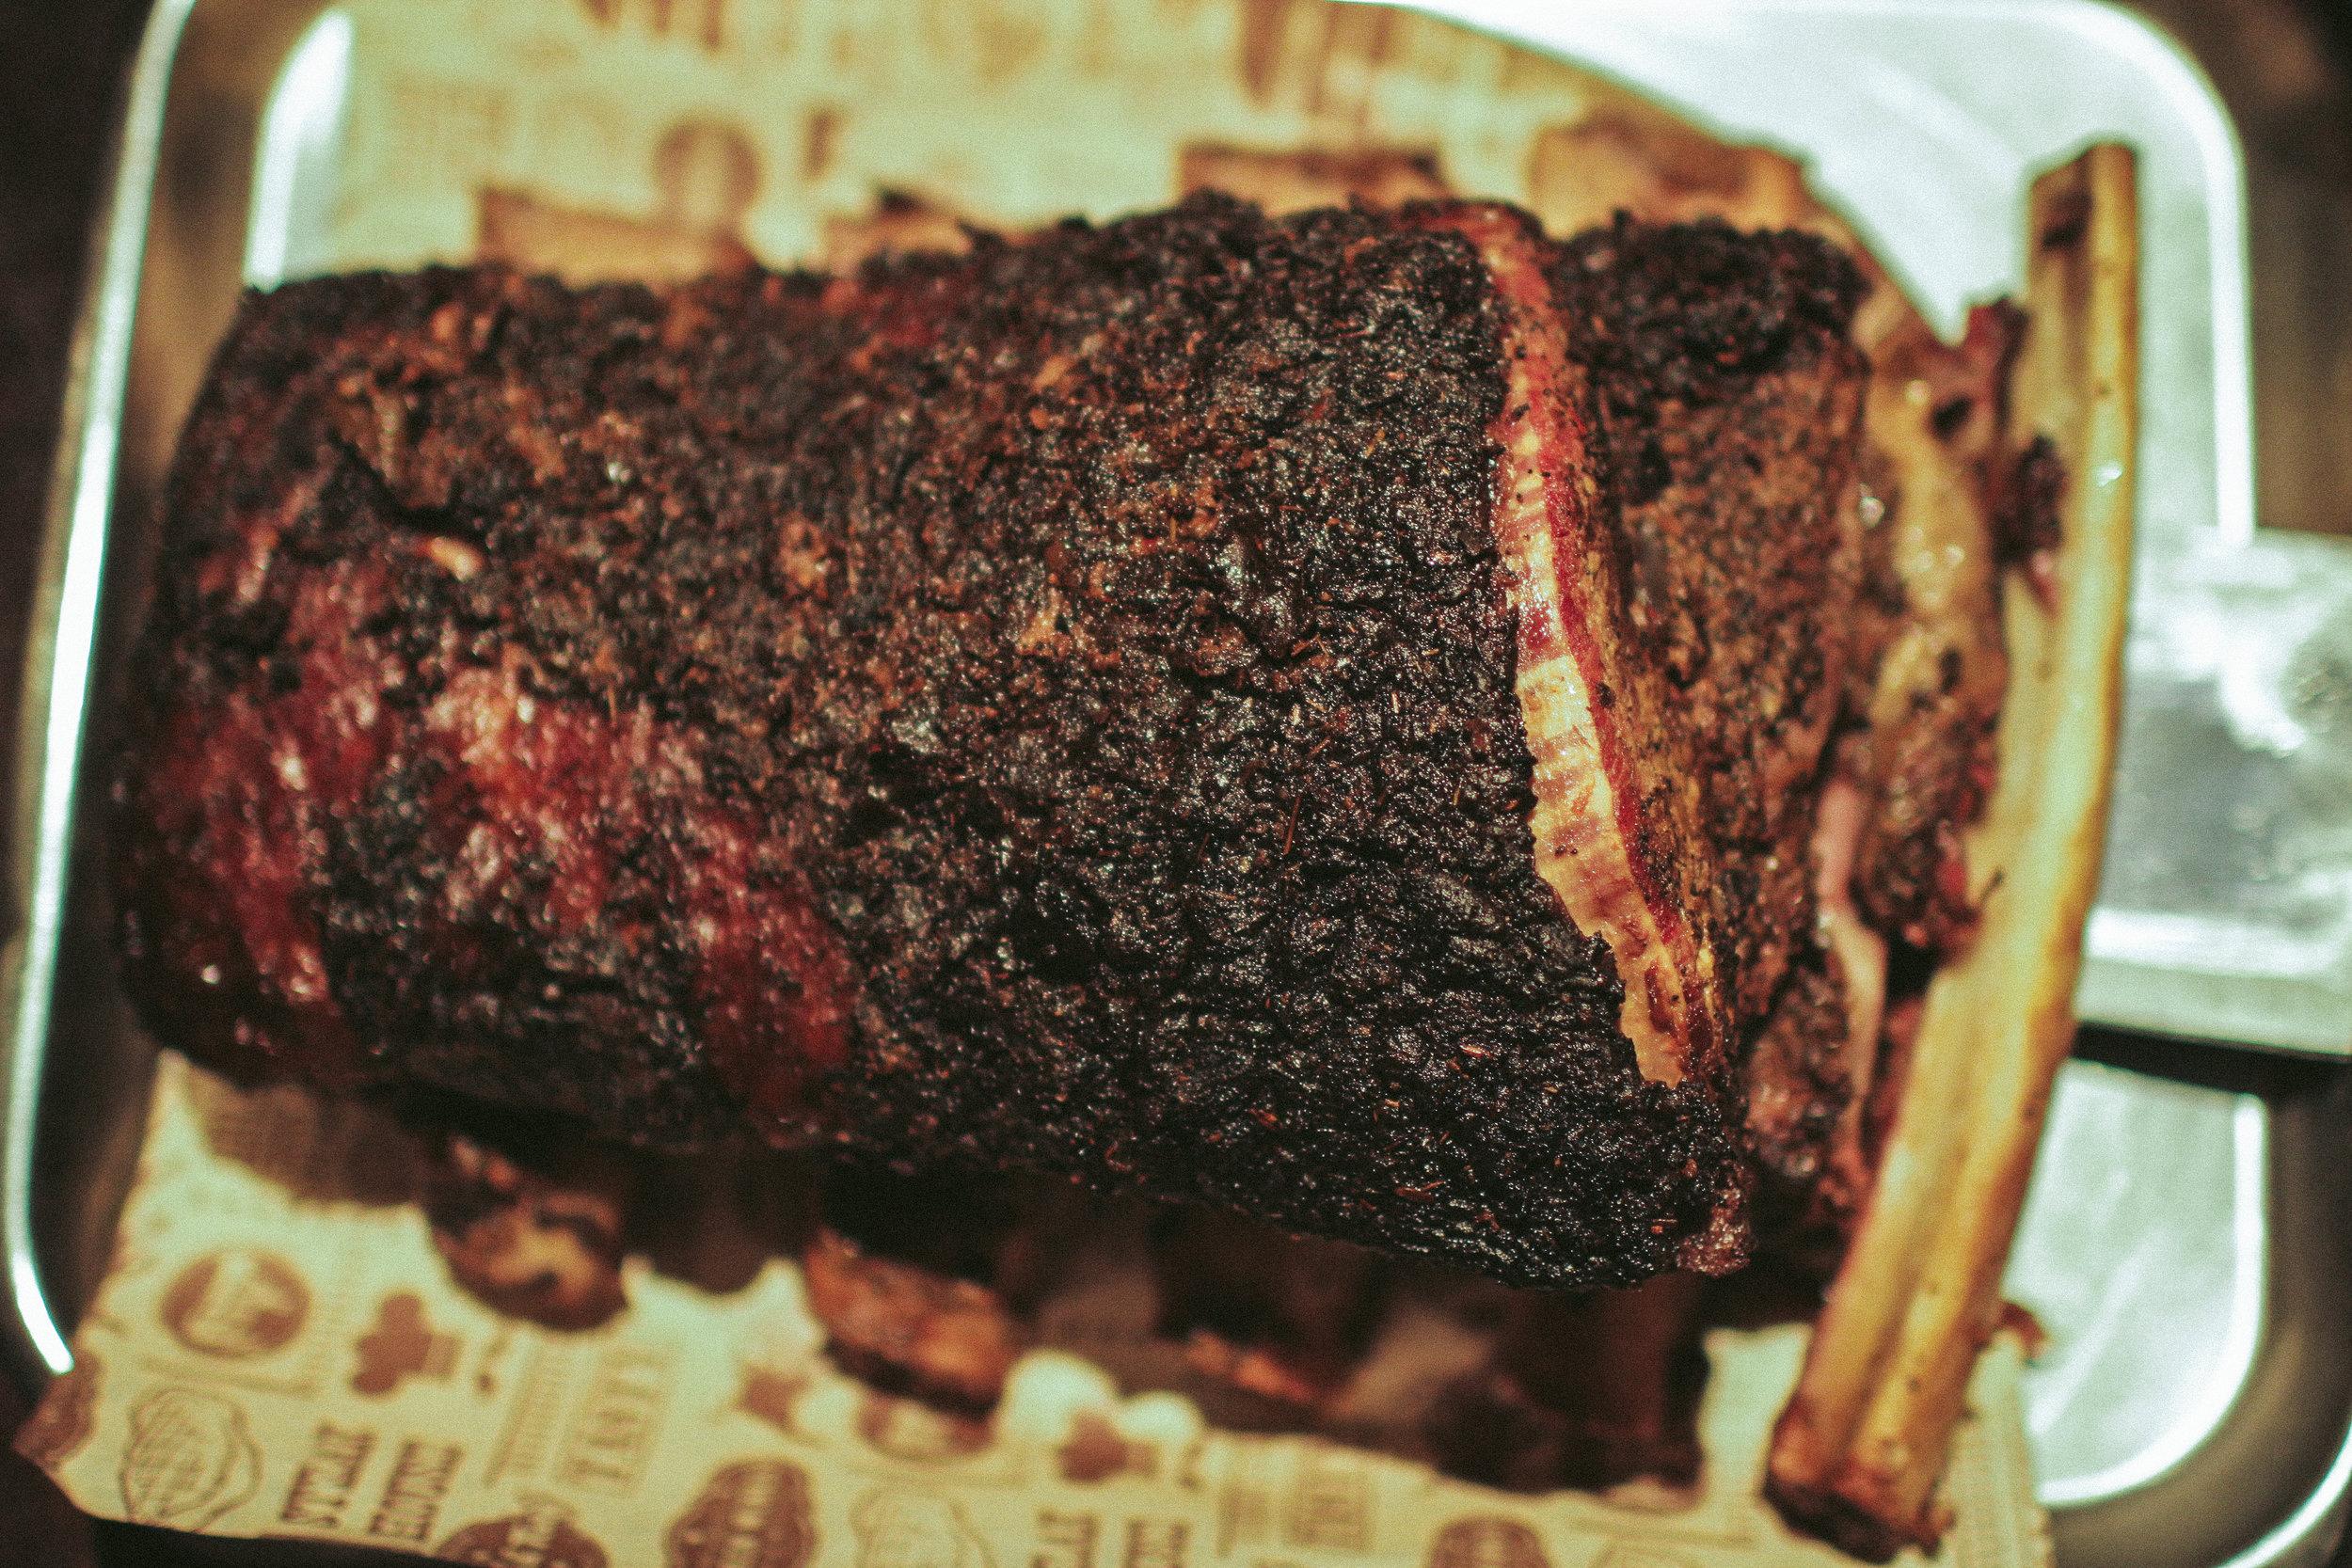 meatsweats-3.jpg